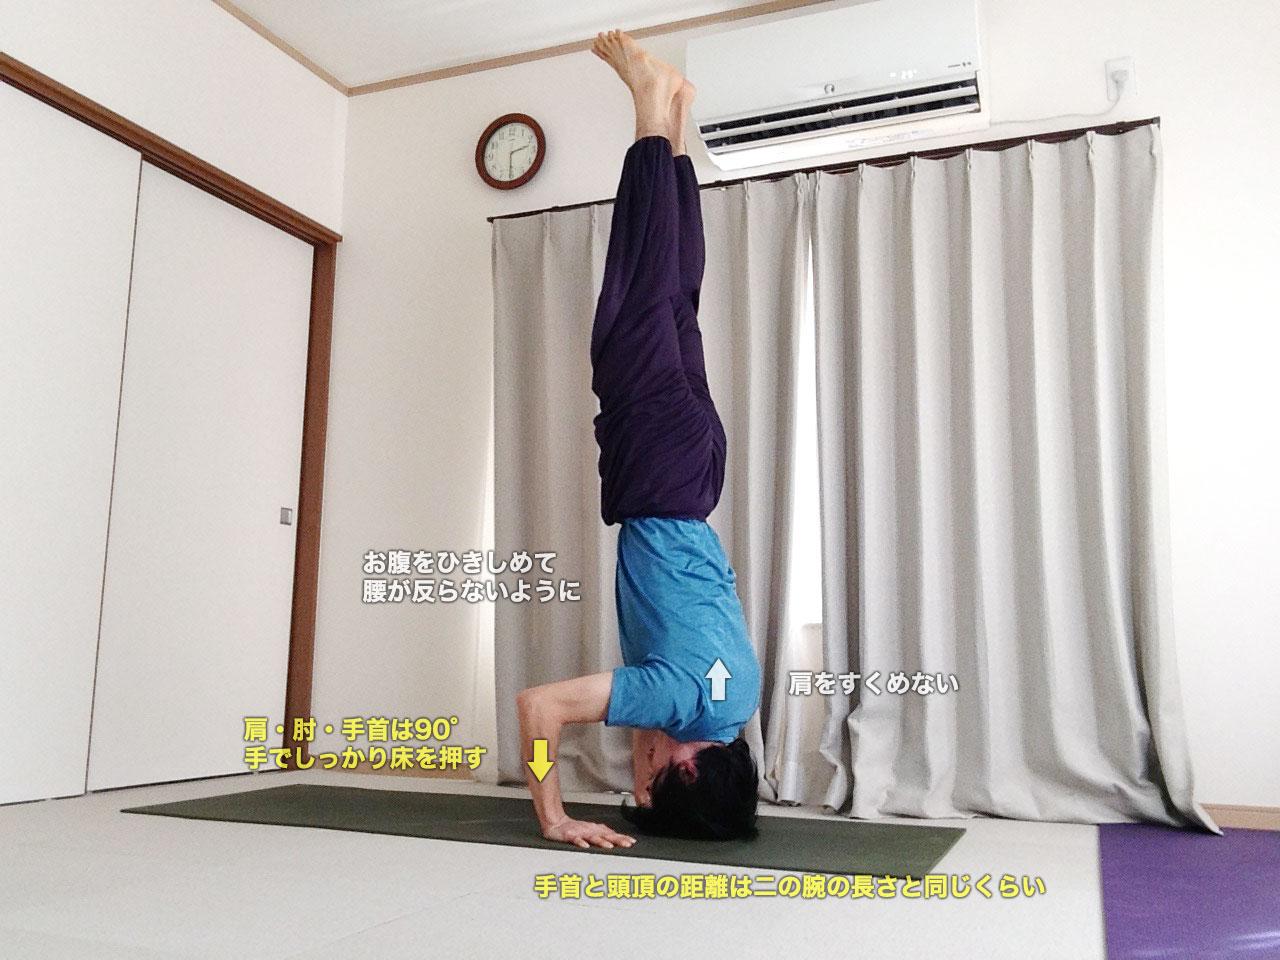 サーランバシルシャーサナⅡ(三点倒立・支えのある頭立ち)〜正しい配置の骨格で、全身を支える〜